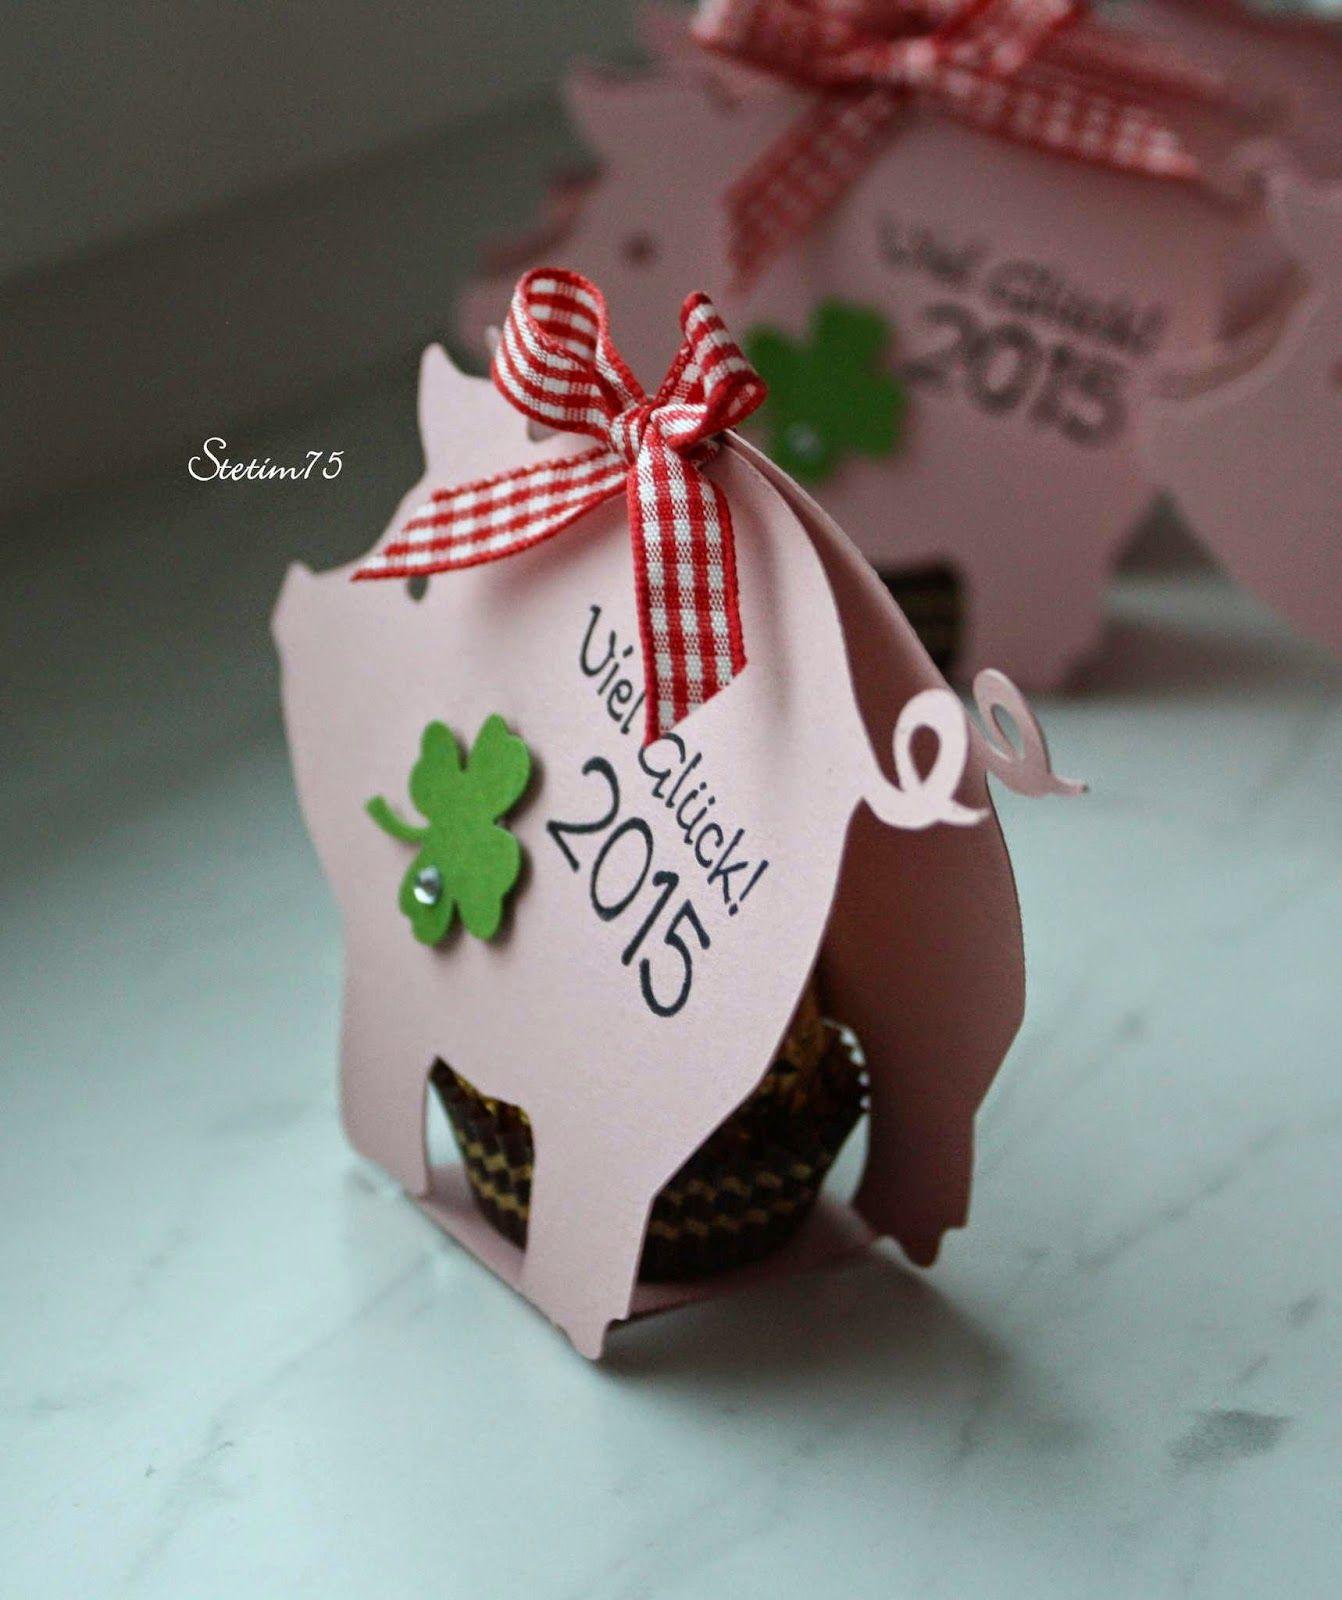 Kleine Geschenke Für Senioren  eine kleine Schweinerei Für uns neigt sich ein sehr